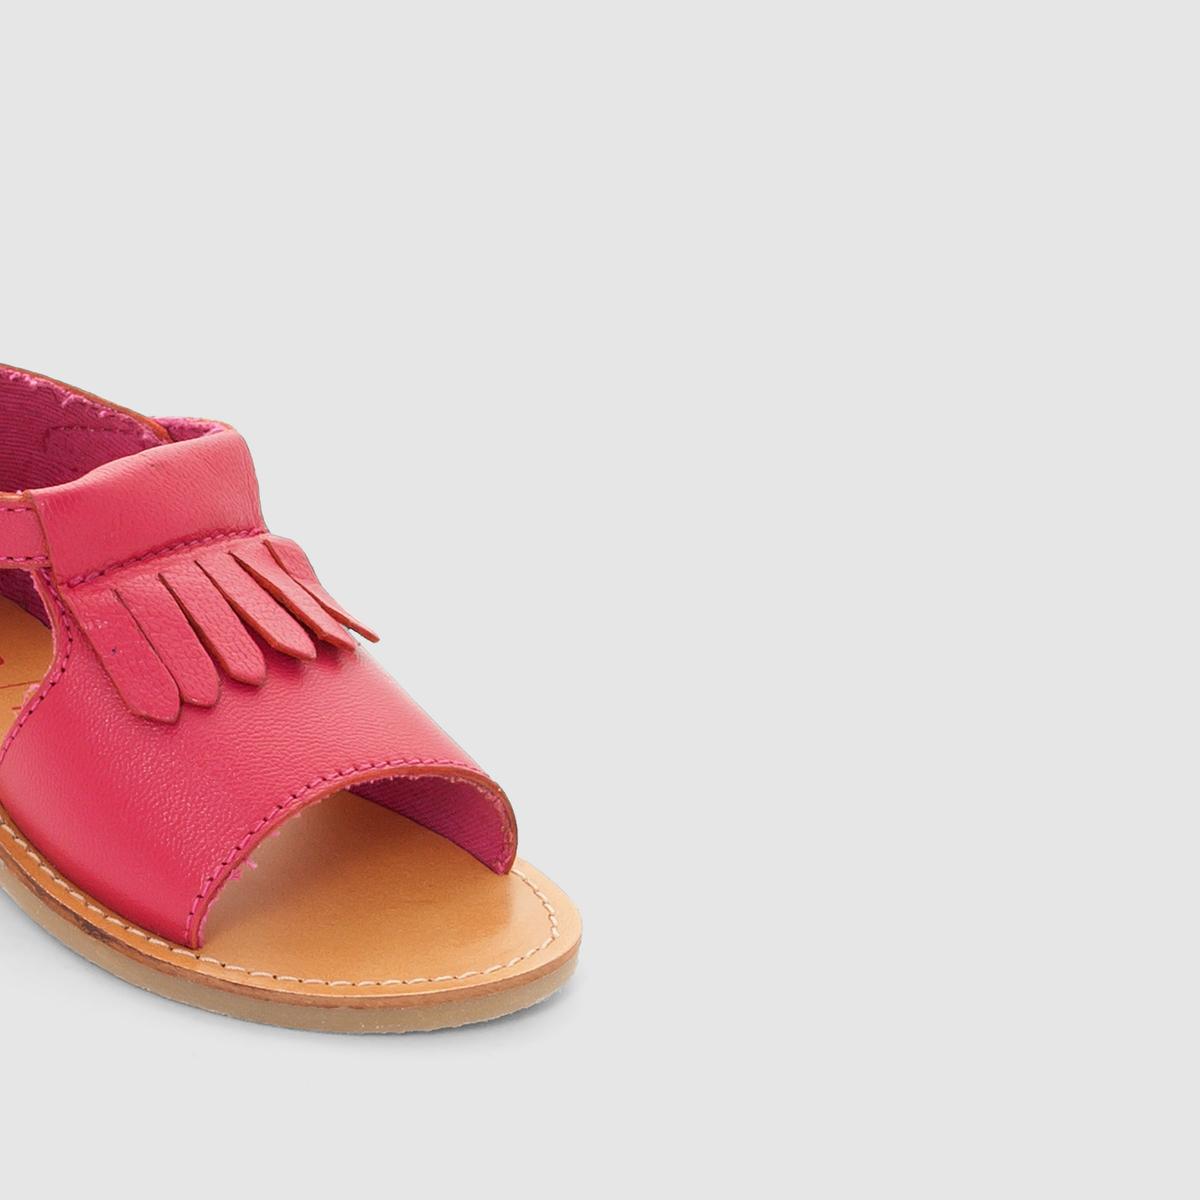 Босоножки кожаныеОписание:Детали  •  Плоский каблук •  Застежка : планка-велкро •  Открытый мысок •  Гладкая отделкаСостав и уход  •  Верх 100% кожа •  Подкладка 100% хлопок<br><br>Цвет: малиновый<br>Размер: 24